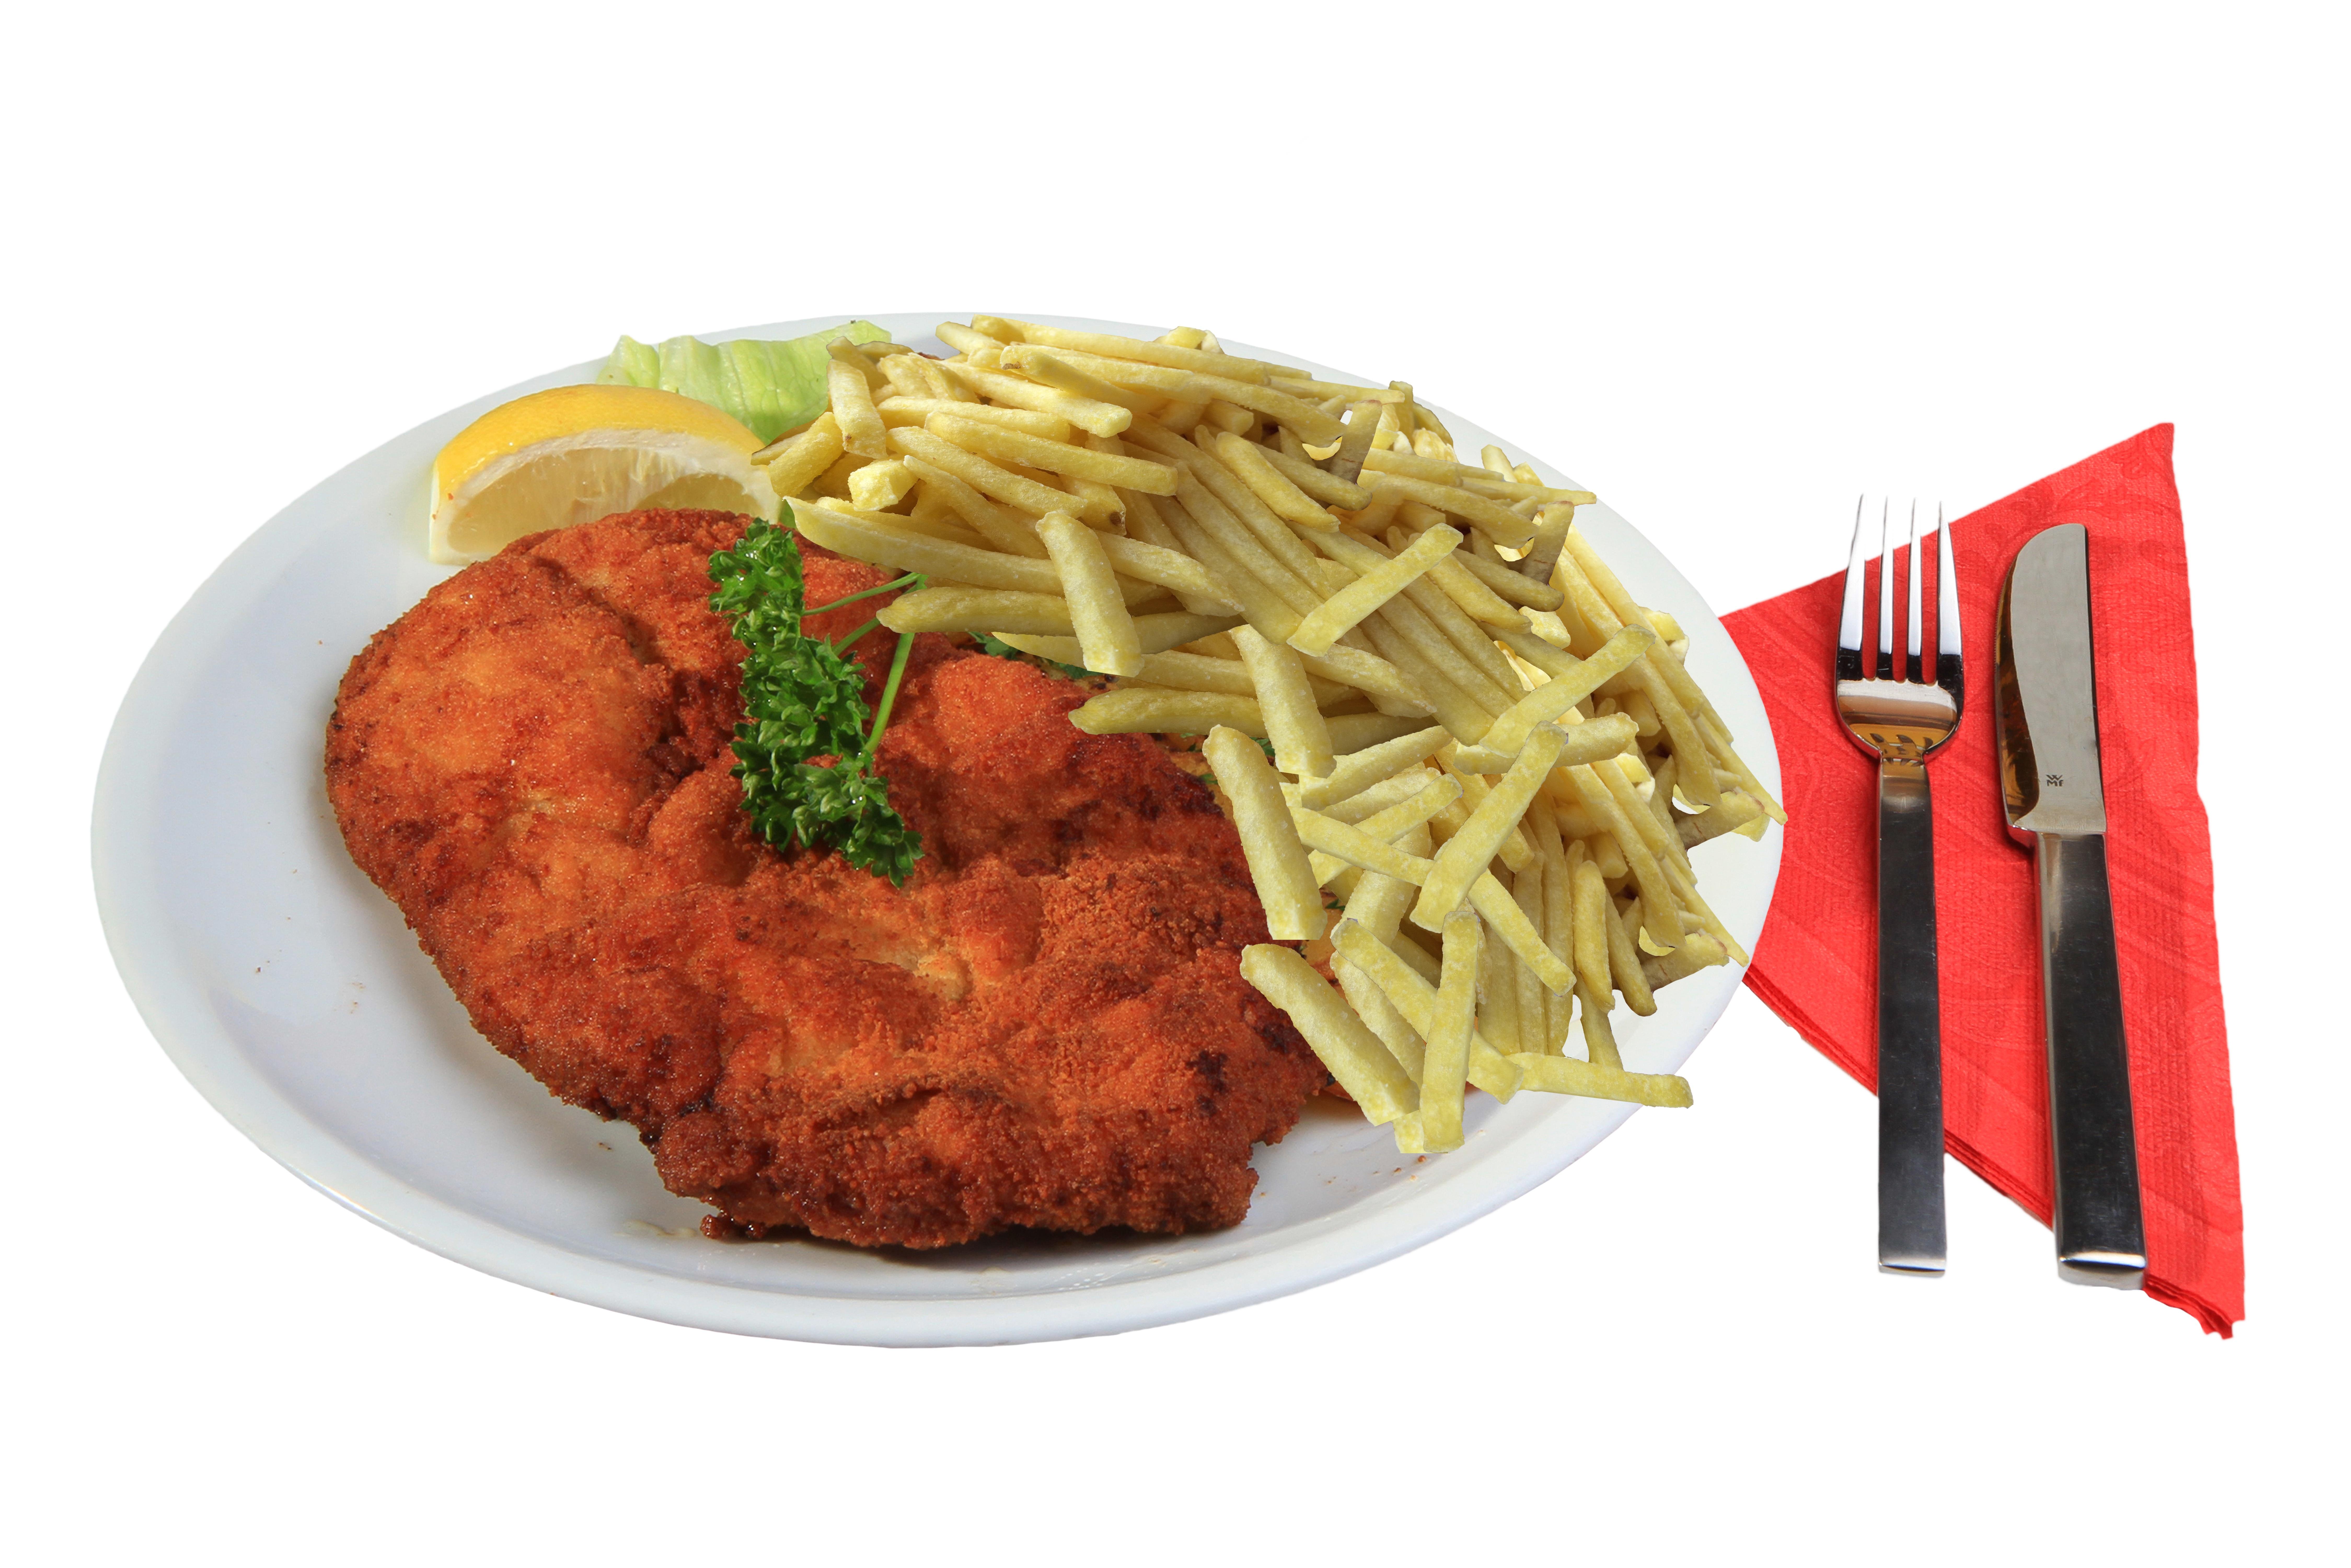 Kostenlose foto : Gabel, Besteck, Gericht, Lebensmittel, Küche ...